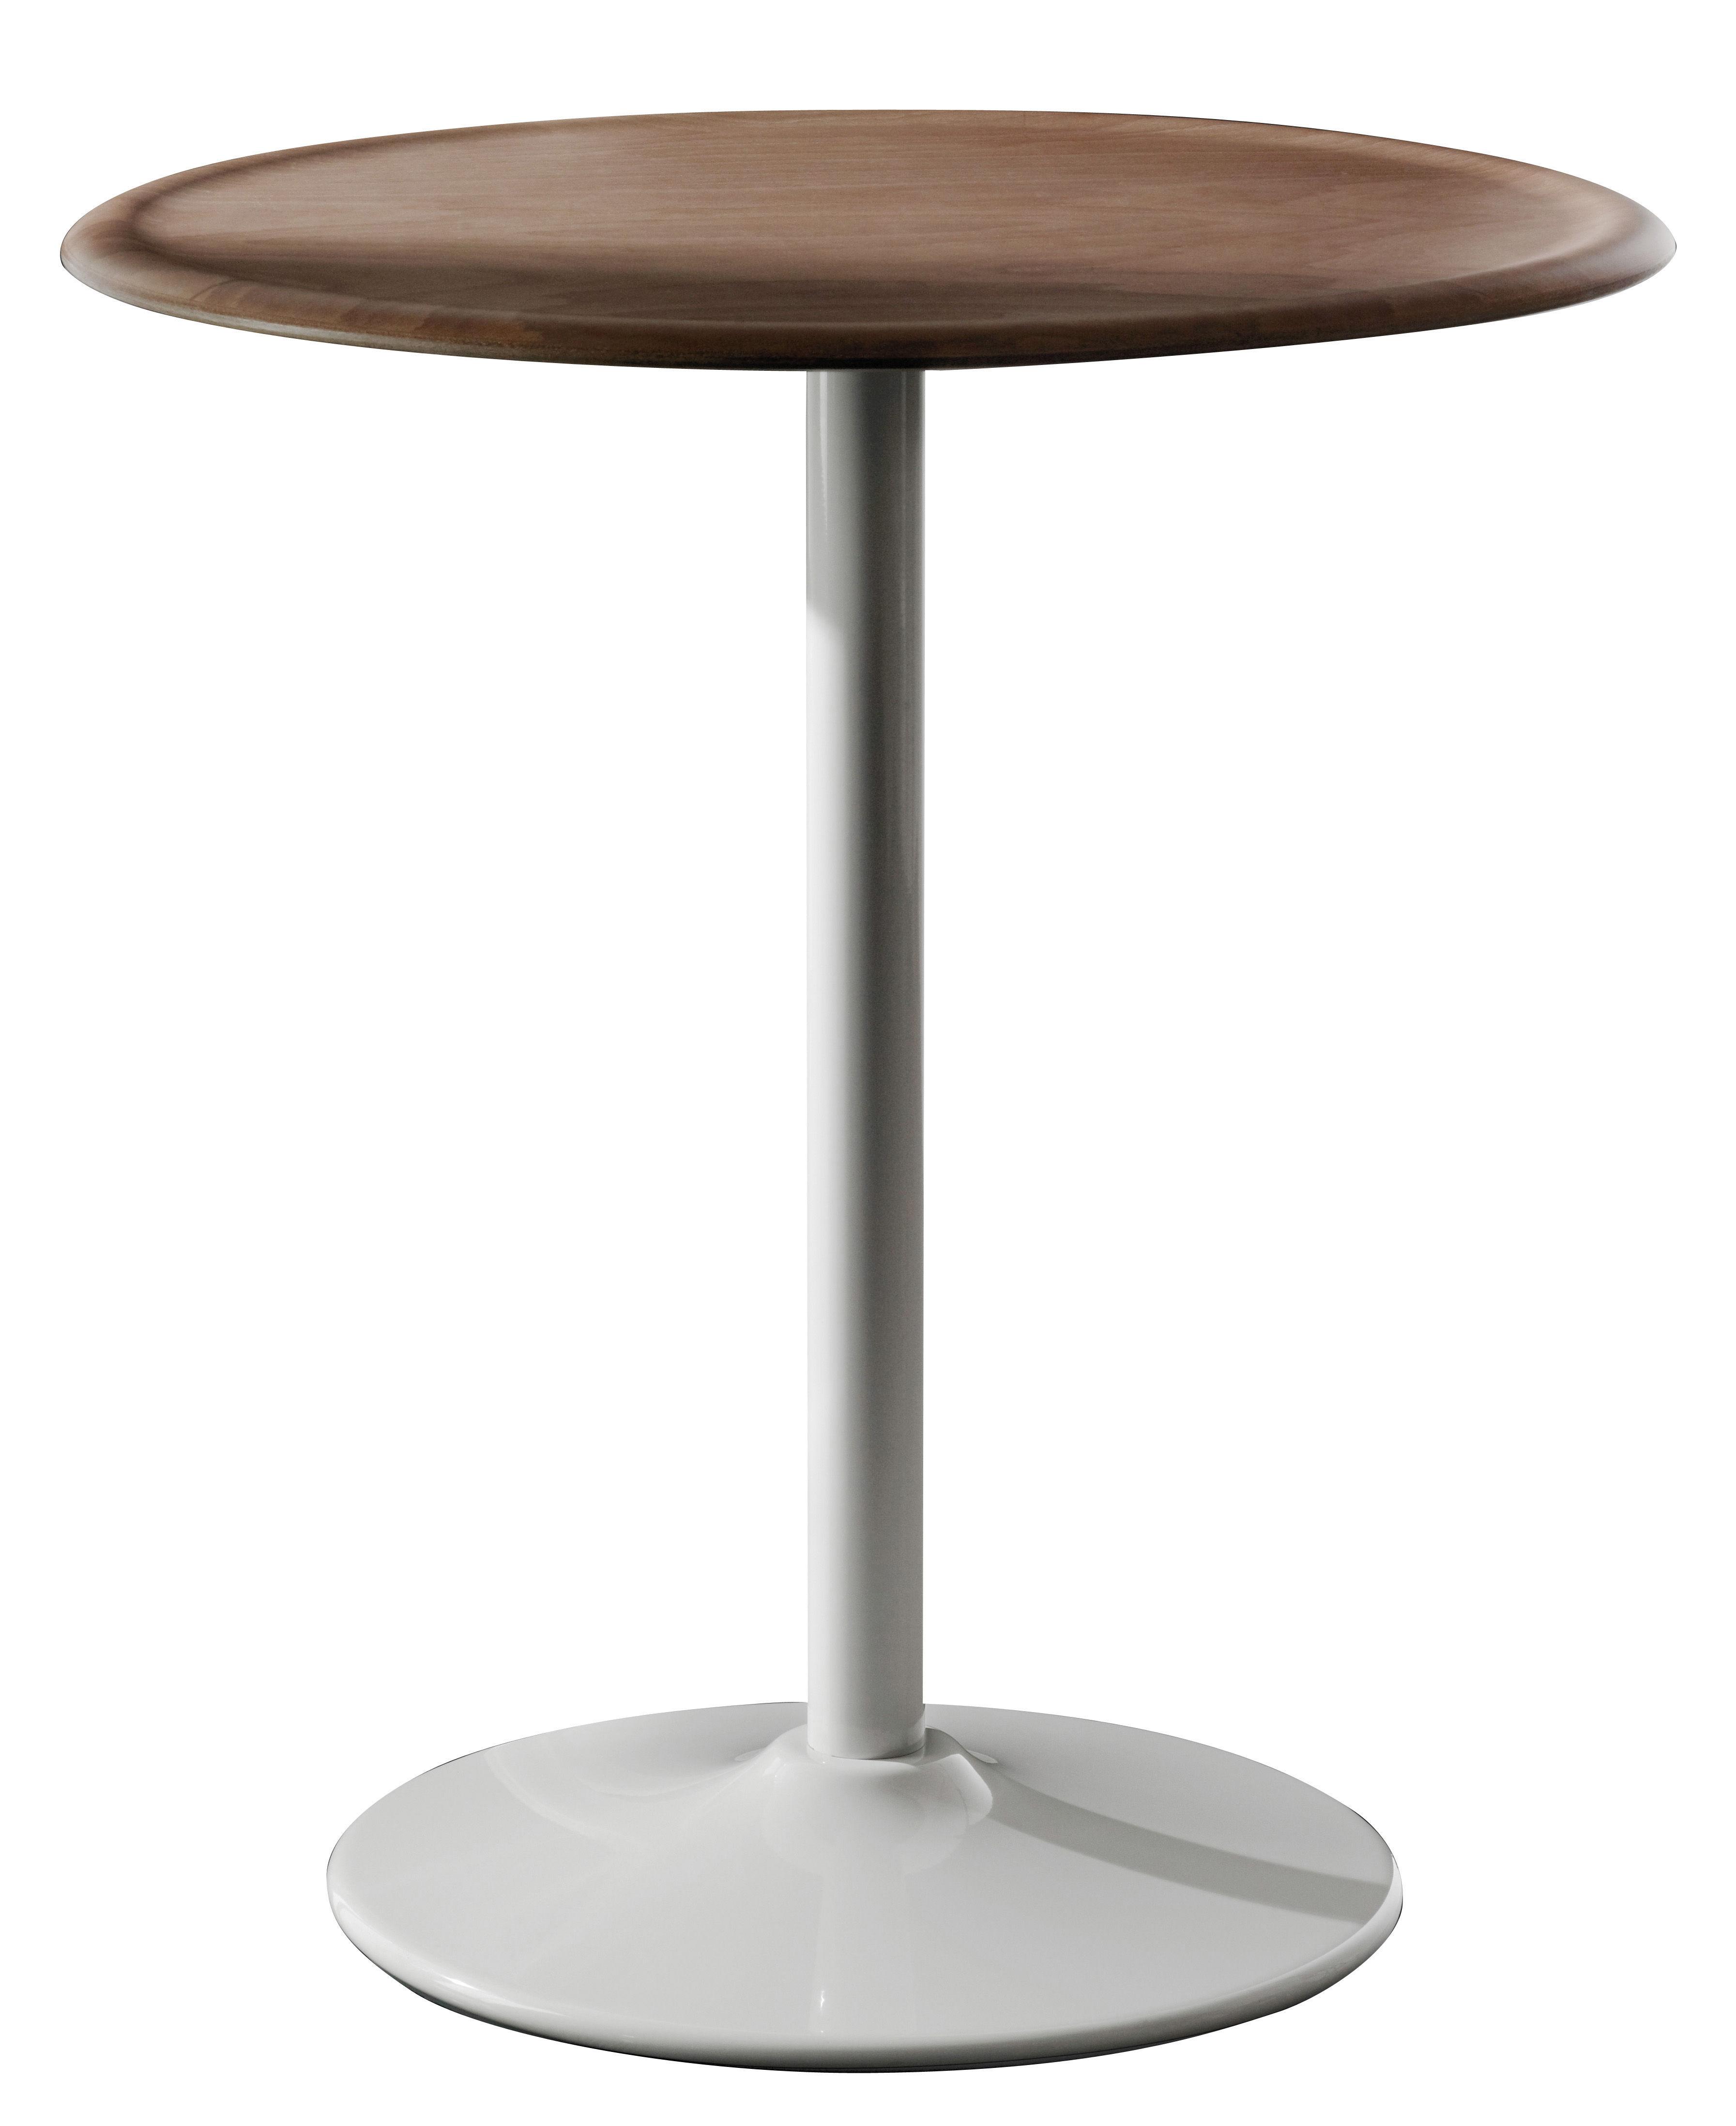 Outdoor - Tavoli  - Tavolo rotondo Pipe - Ø 66 cm di Magis - Bianco / Faggio naturale - Acciaio, Multistrato di faggio